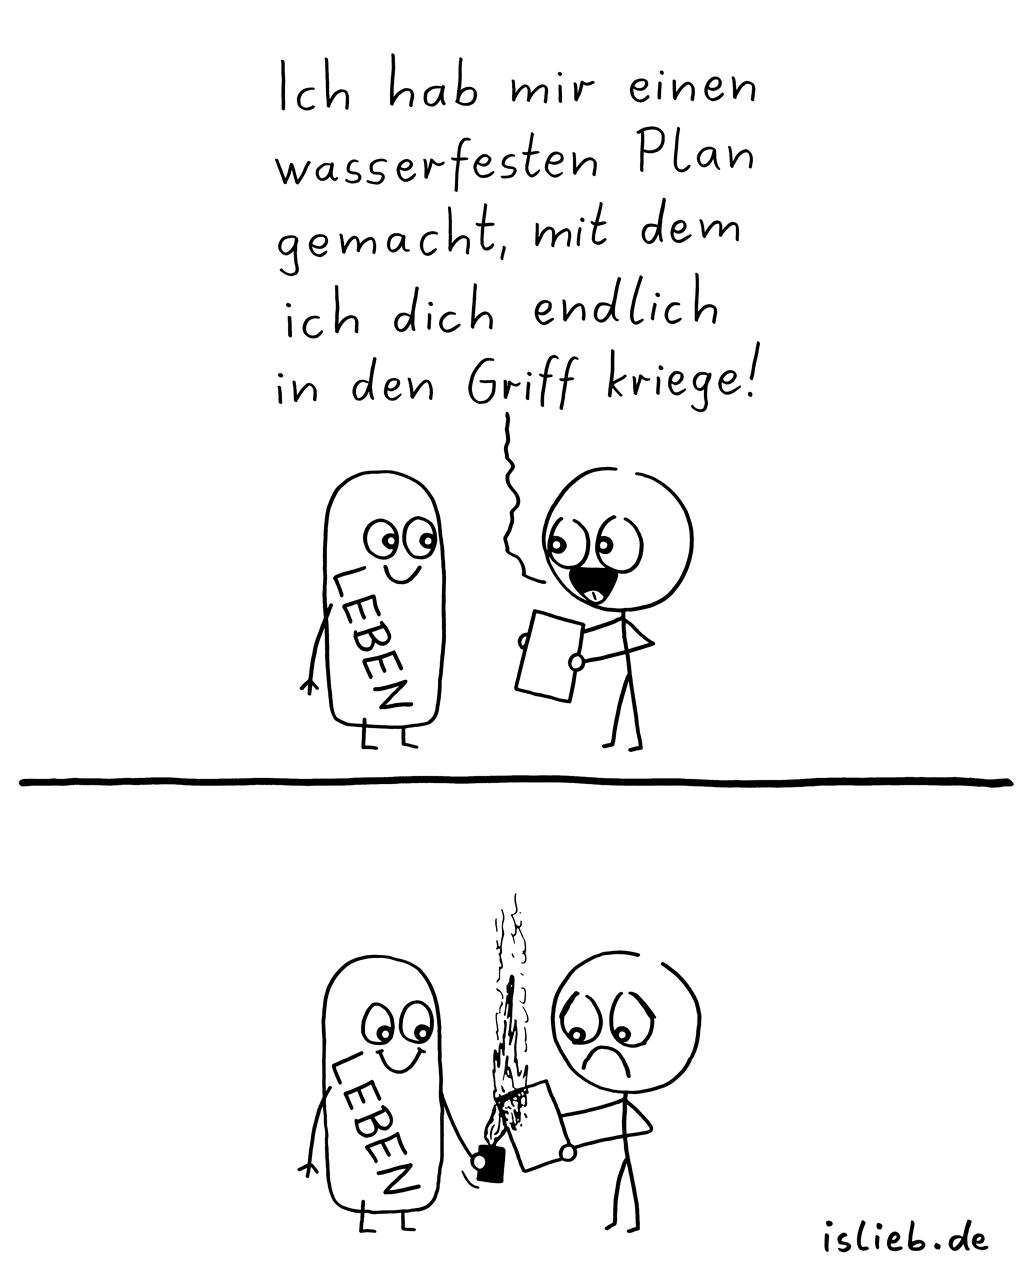 Pläne machen | Strichmännchen-Comic | is lieb?